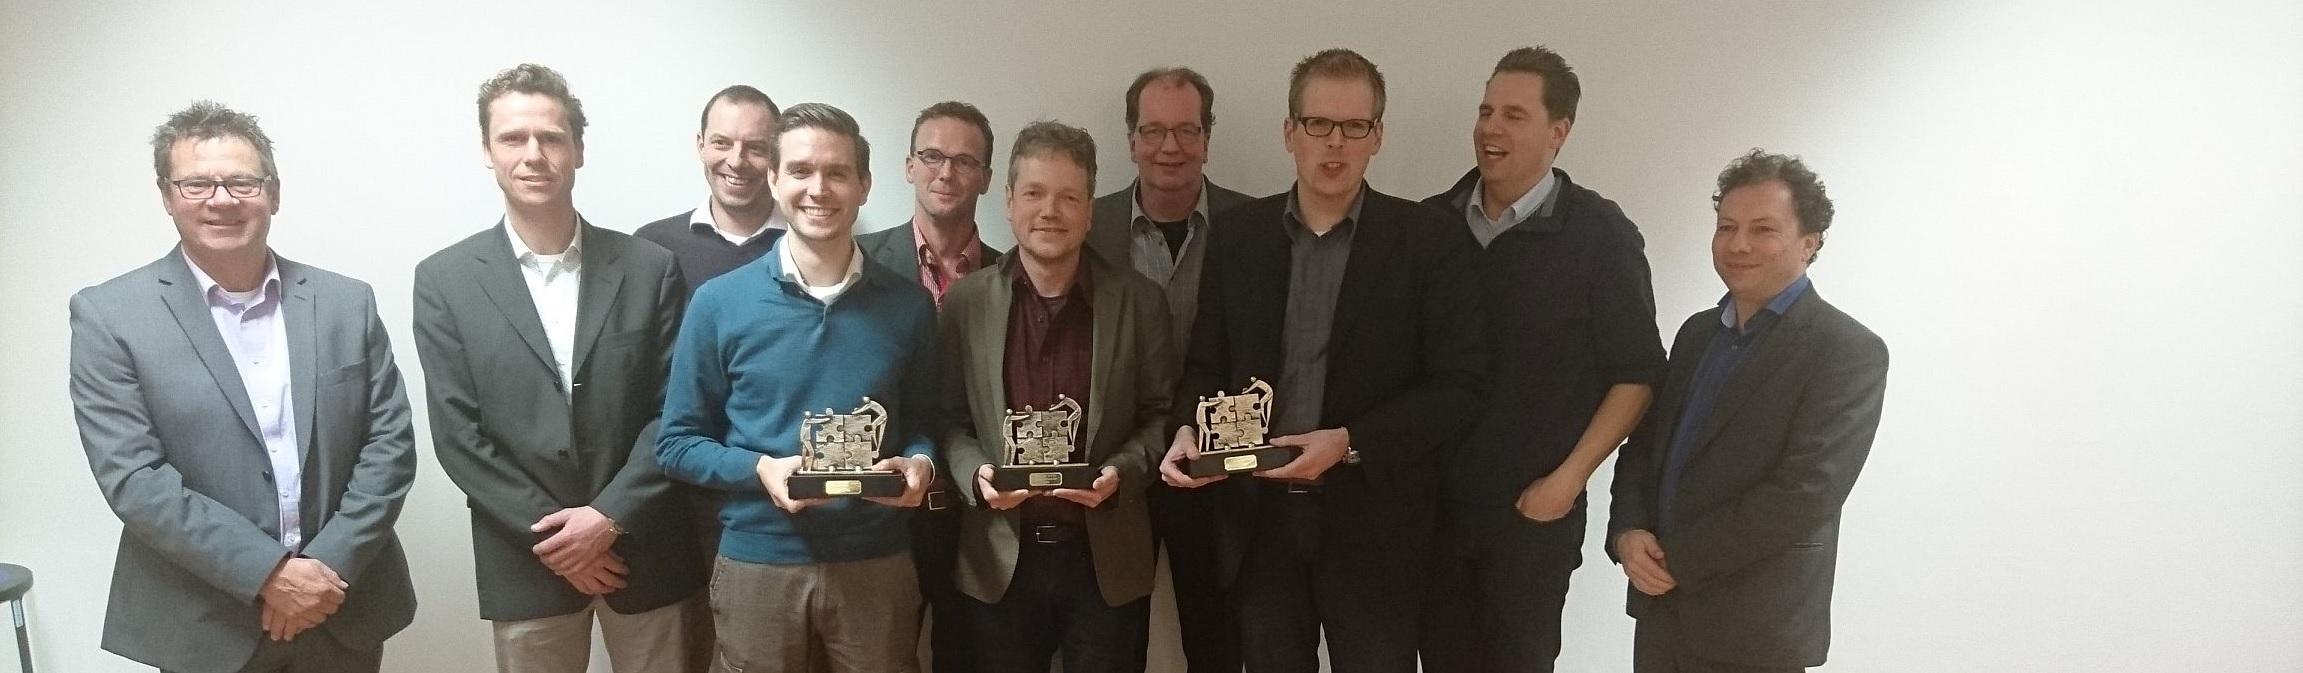 De winnaars in 2016